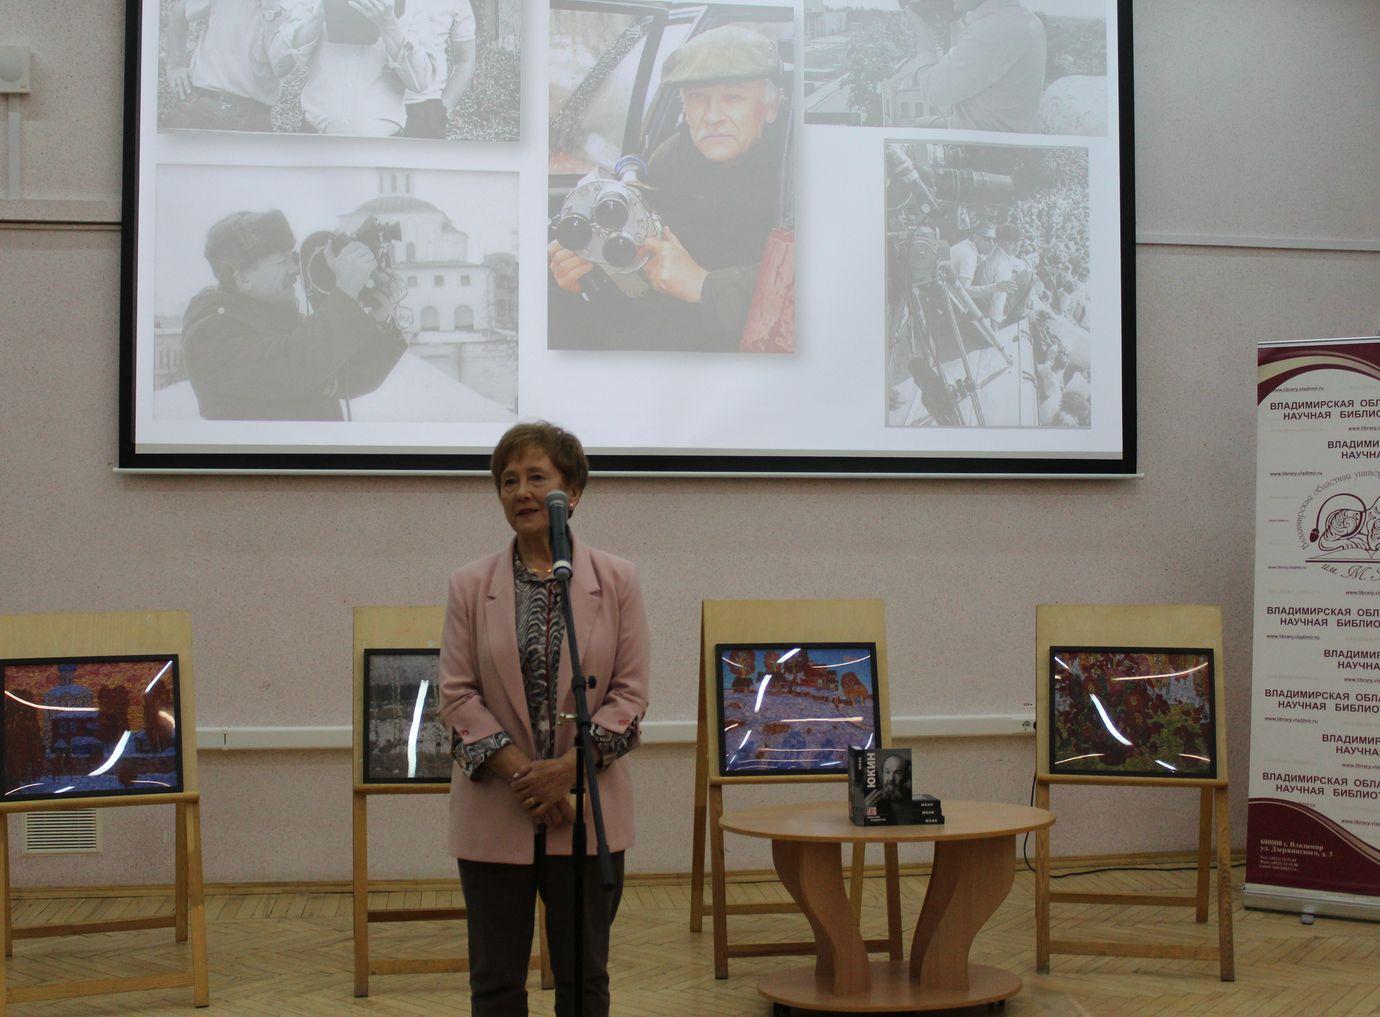 Рассказ о Владимире Ишутине - создателе серии книг Люди Земли Владимирской